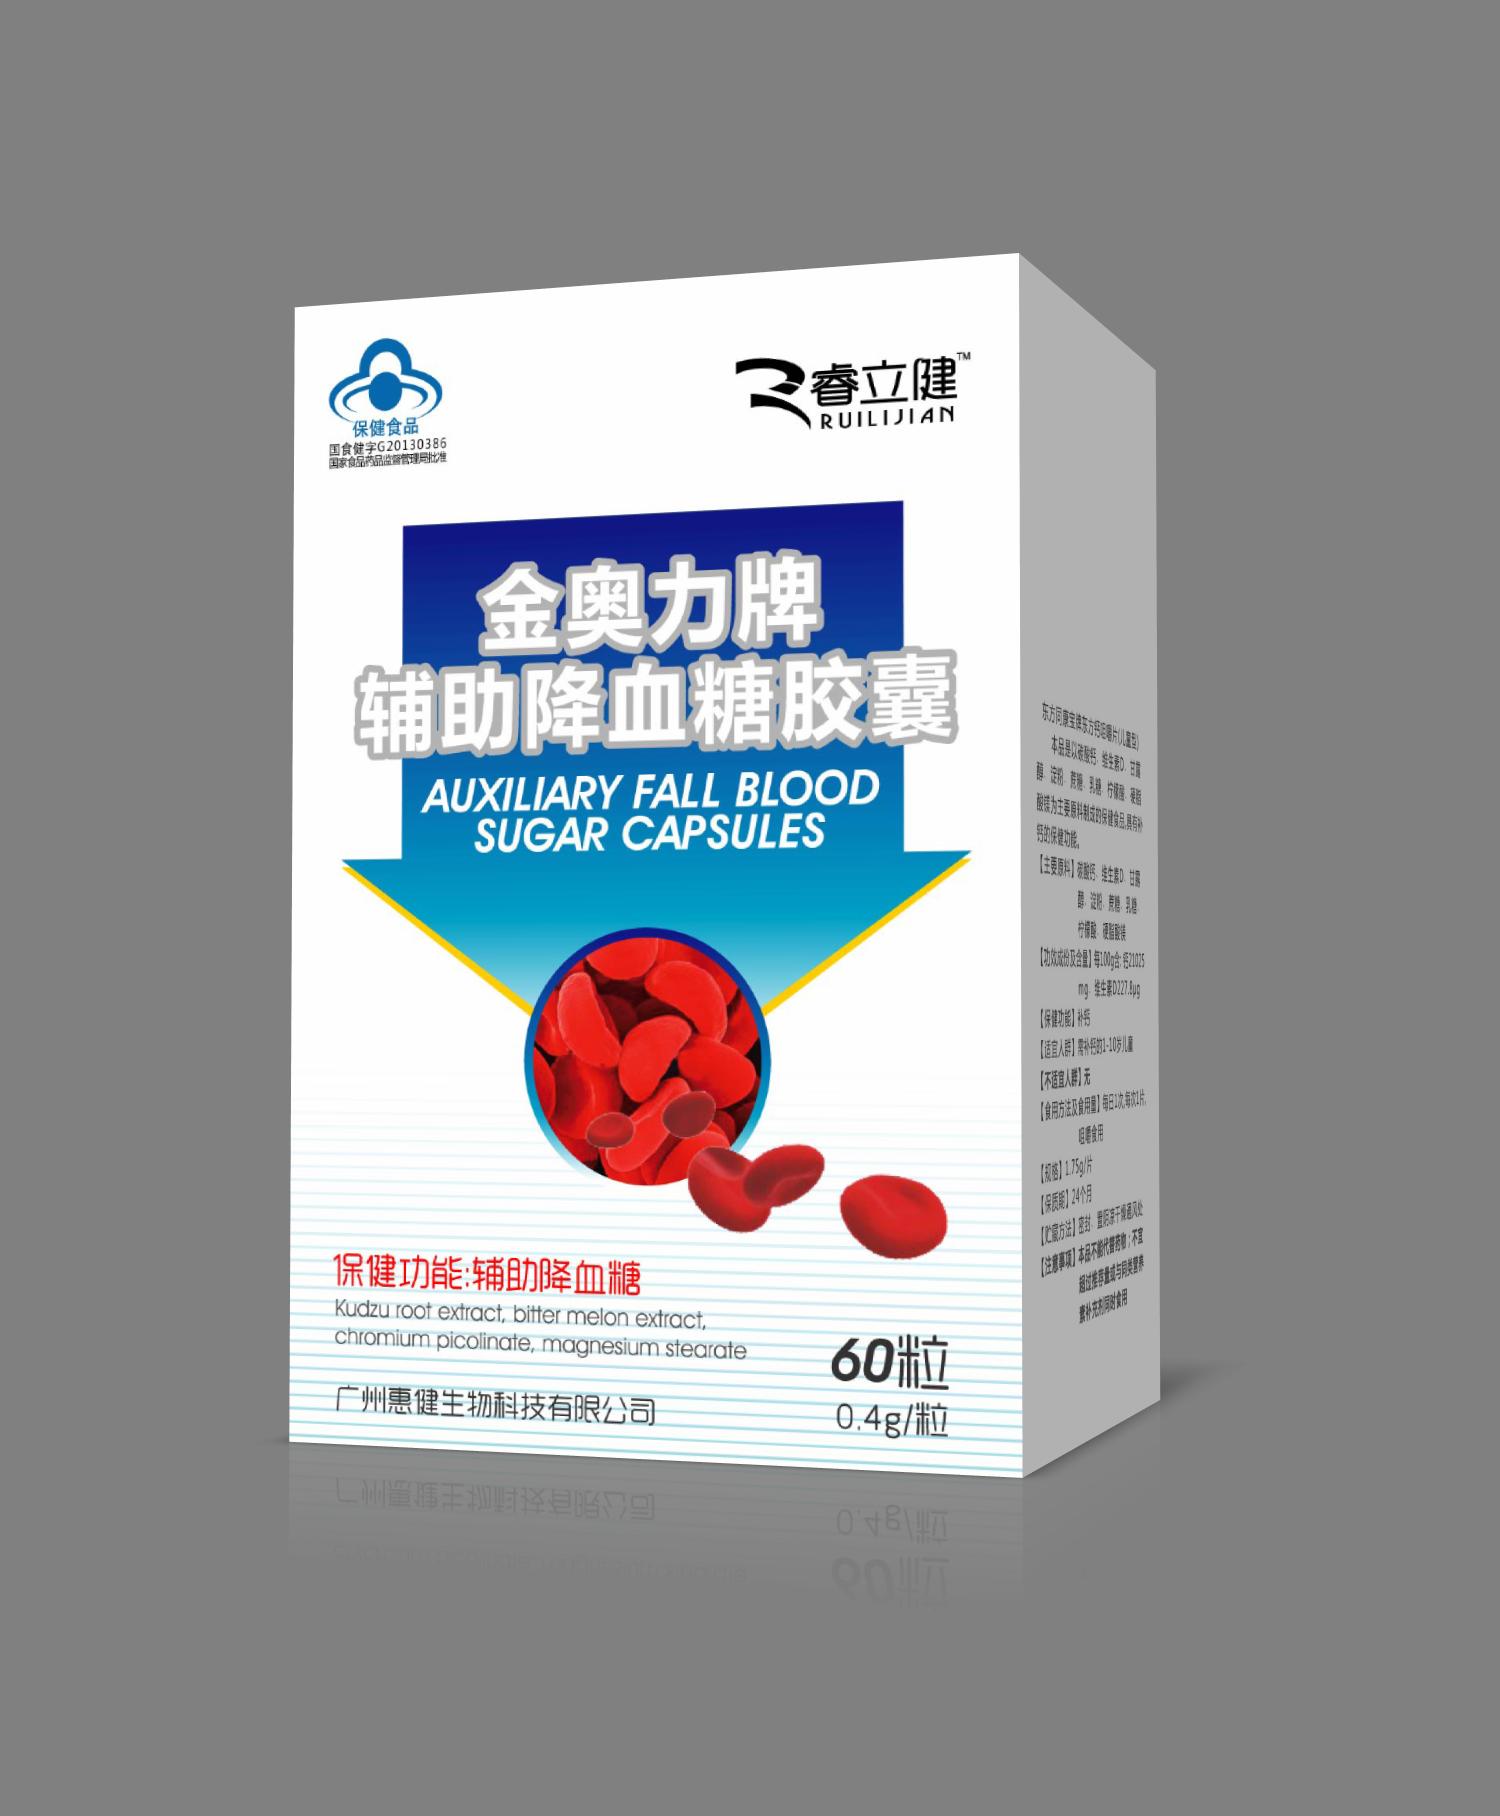 輔助降血糖膠囊